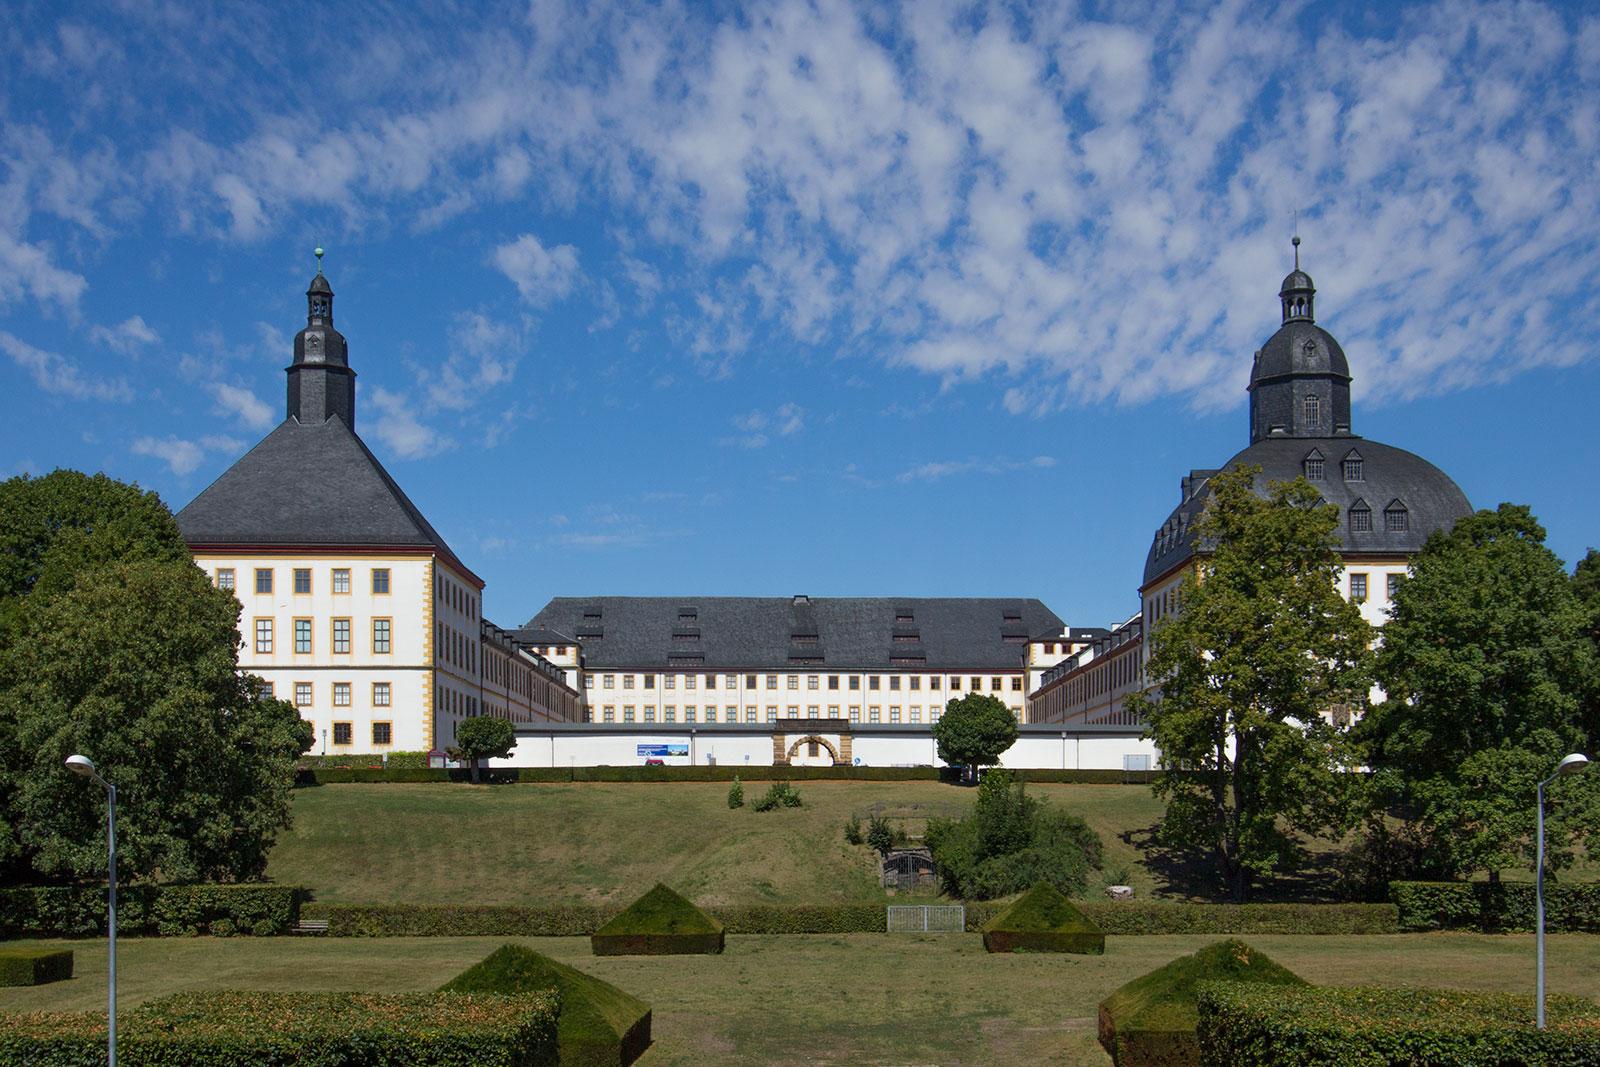 У Німеччині виділять 400 мільйонів євро на реконструкцію замків